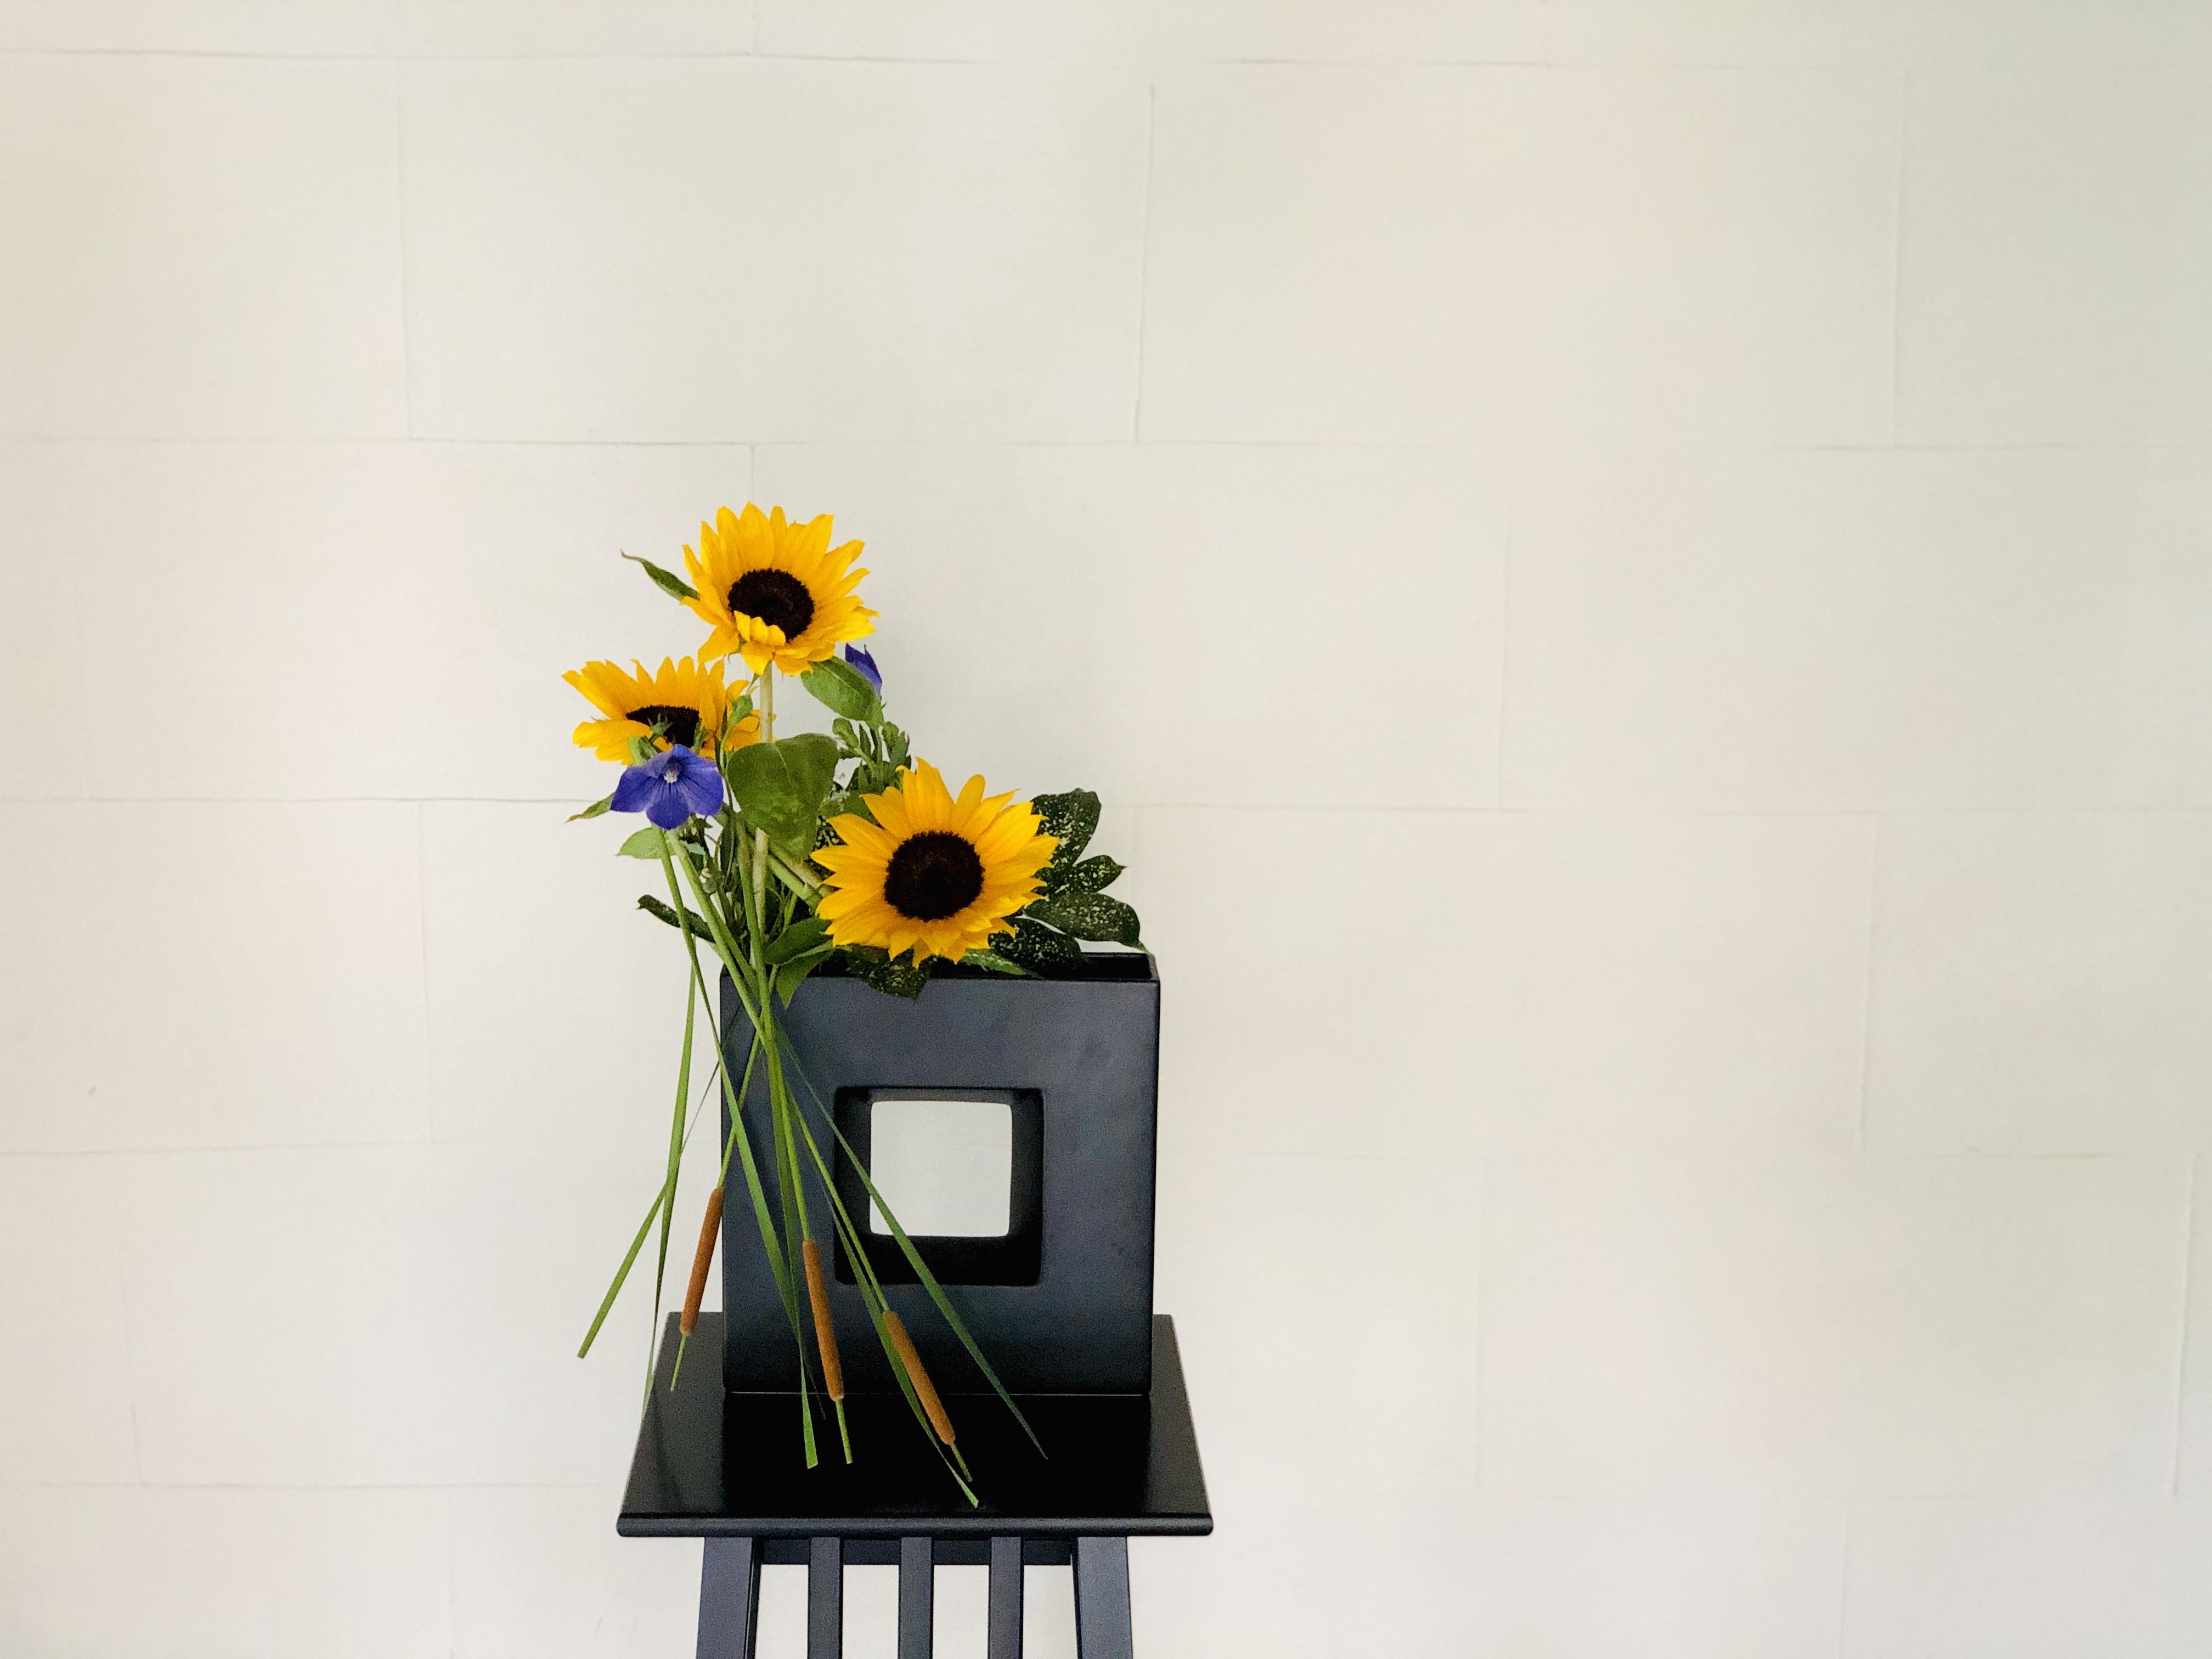 ひまわりとヒメガマの生け花